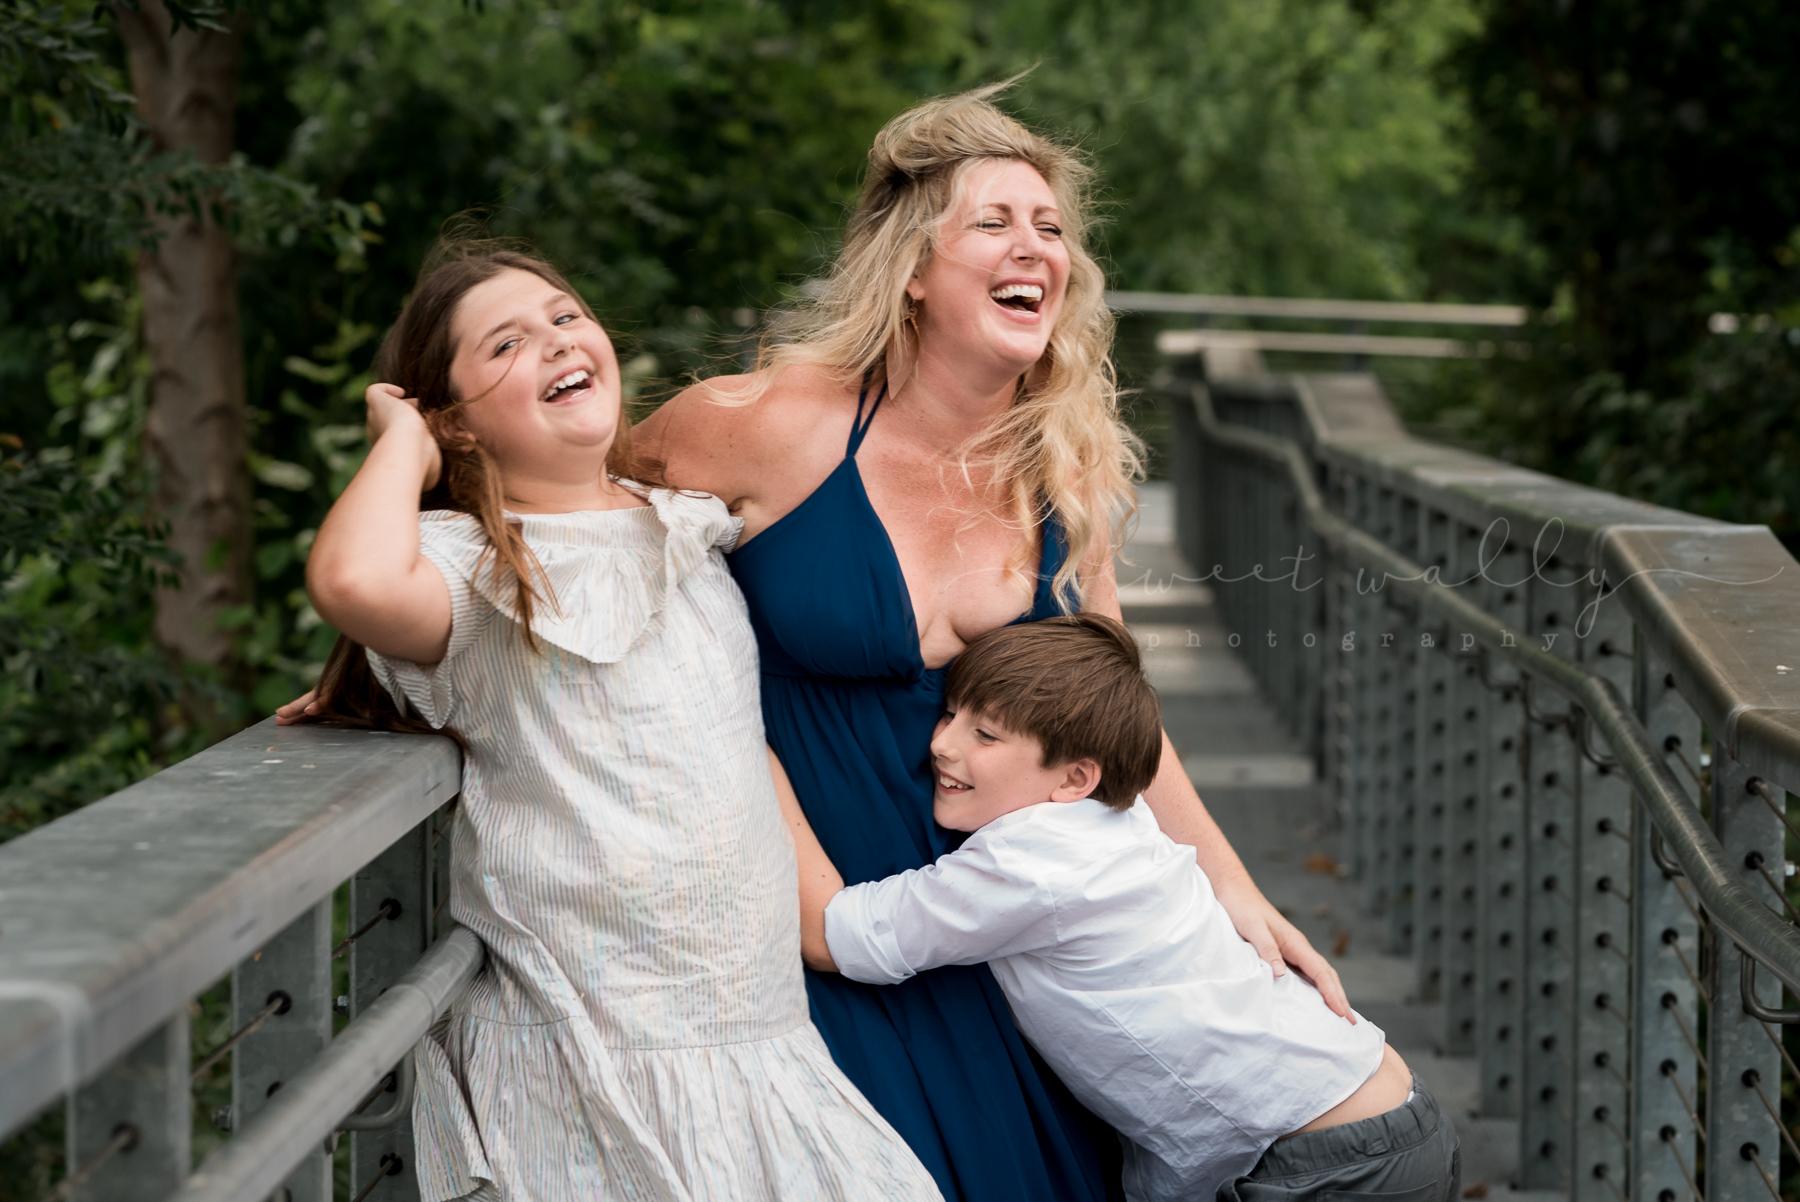 nashville family photographer-3.jpg